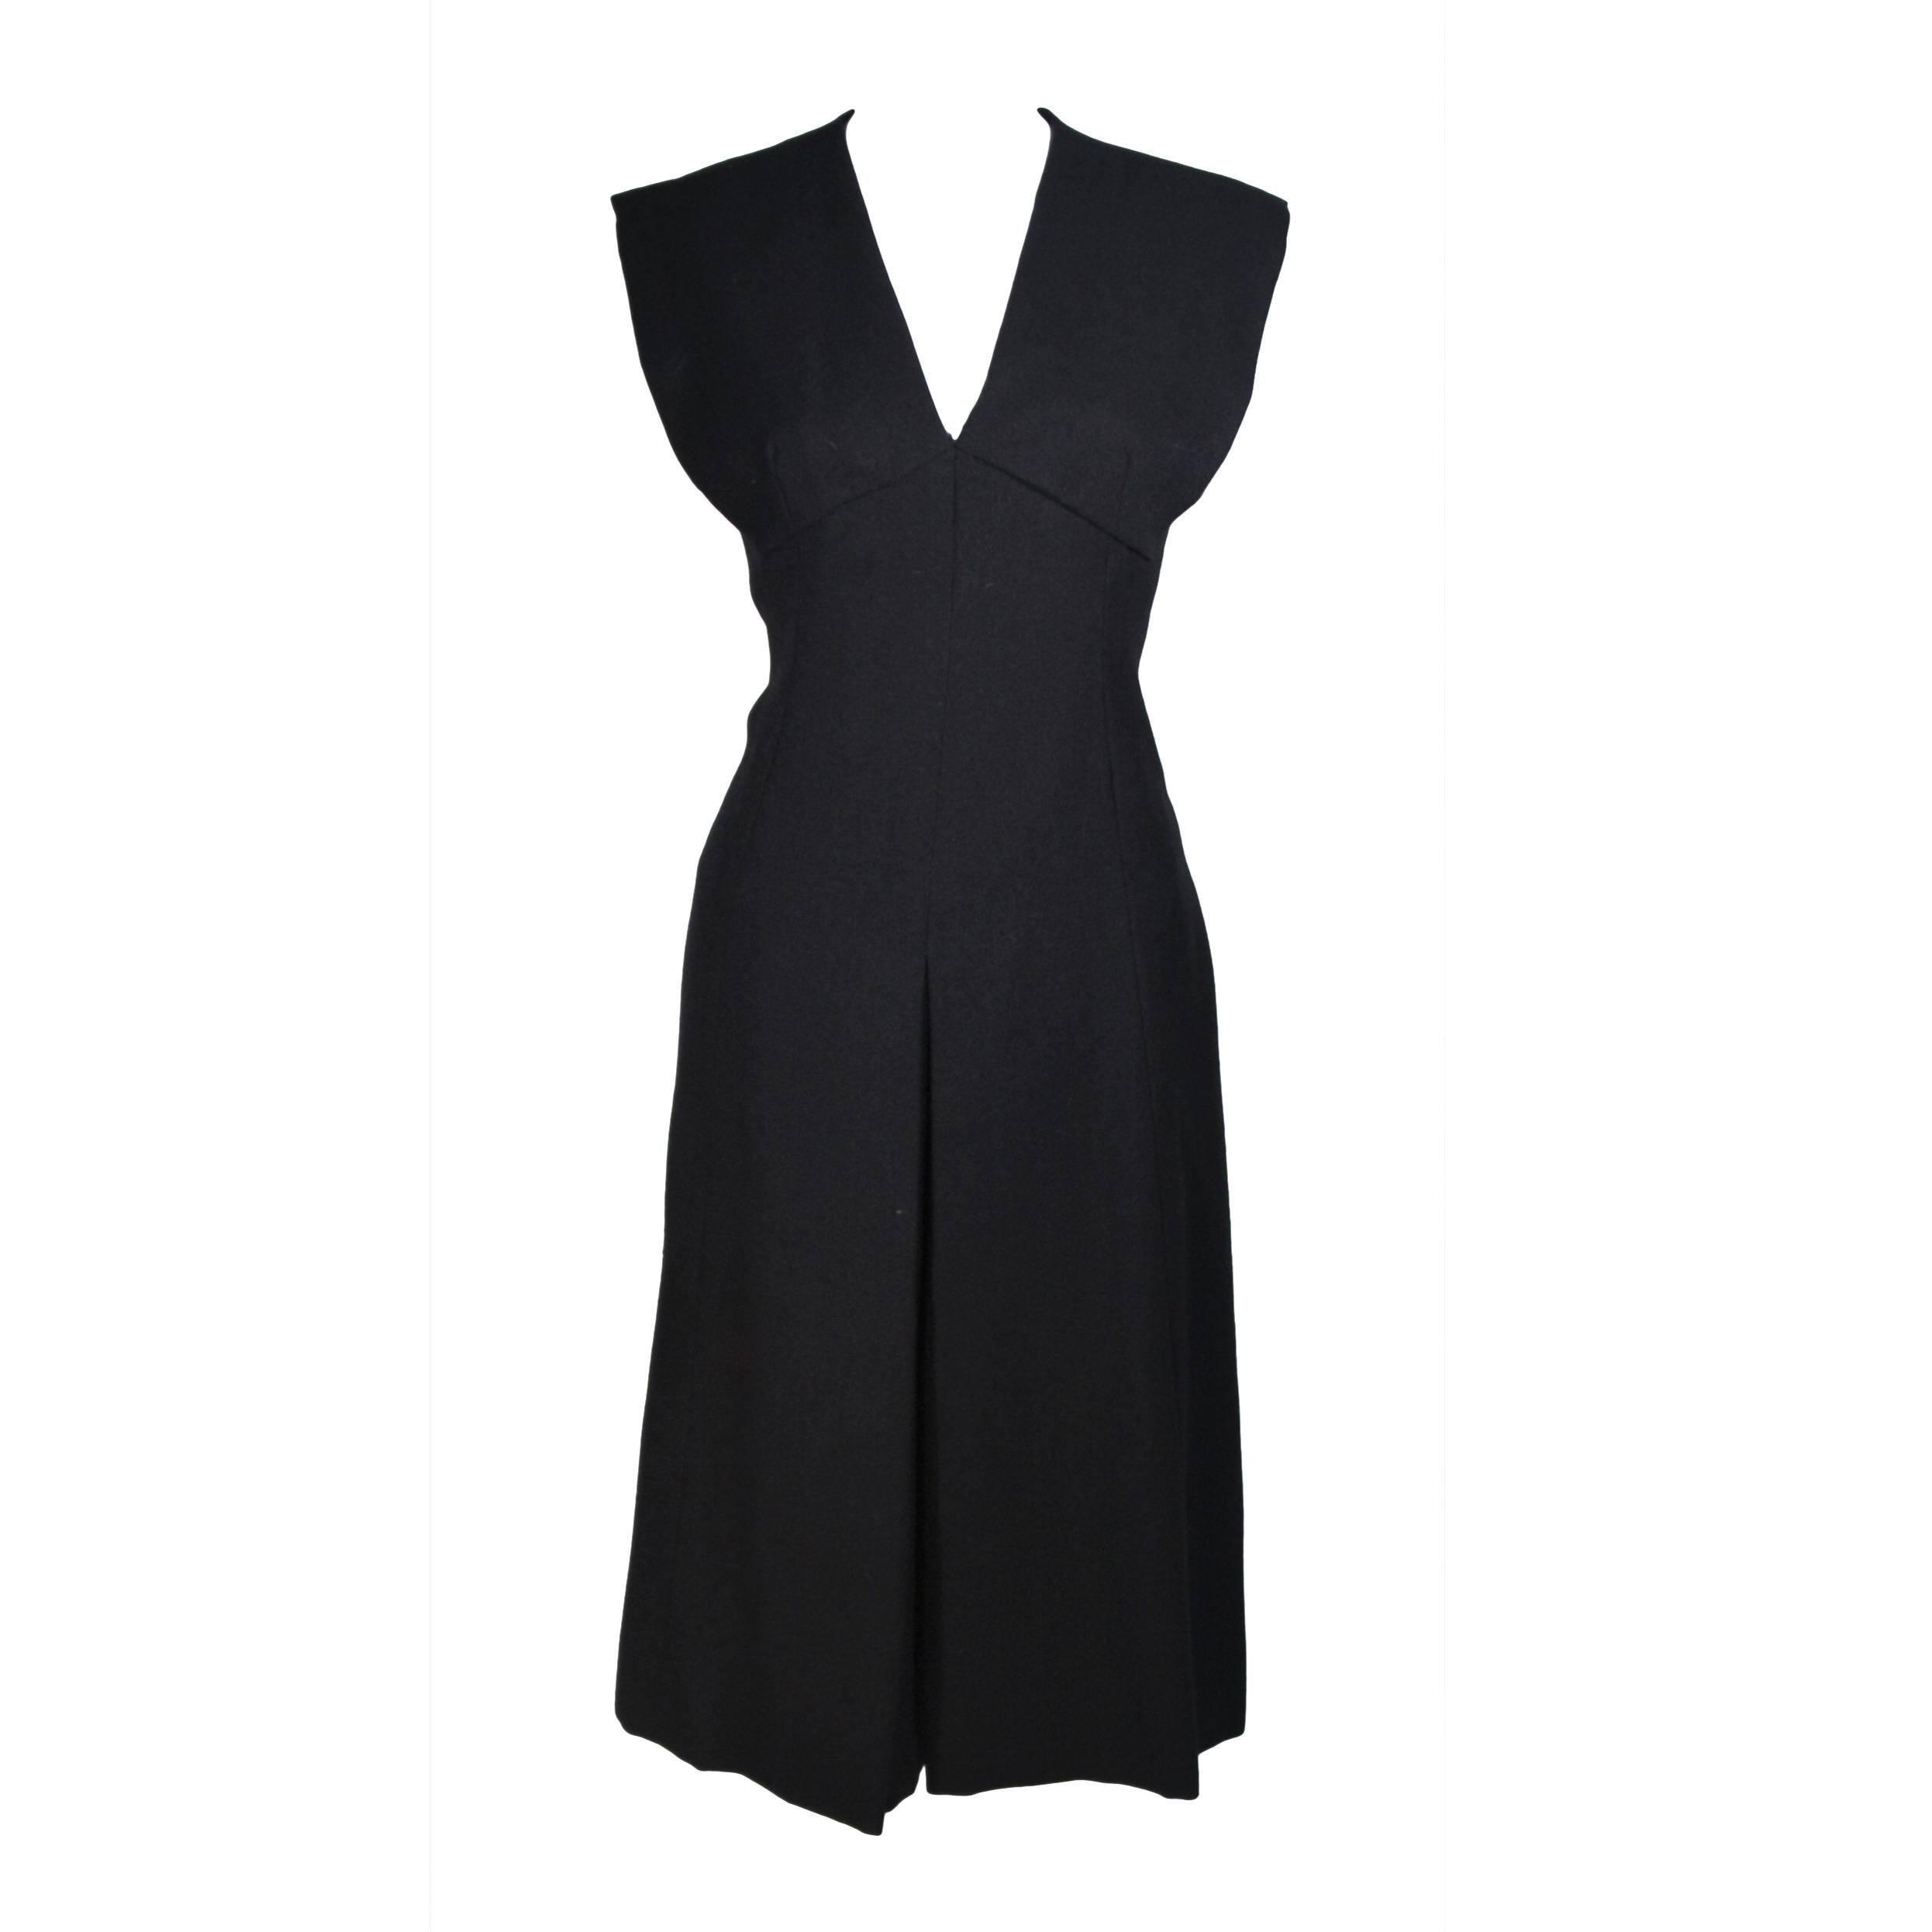 MOLLIE PARNIS 1960's Black Linen A-Line Shift Dress Size 10